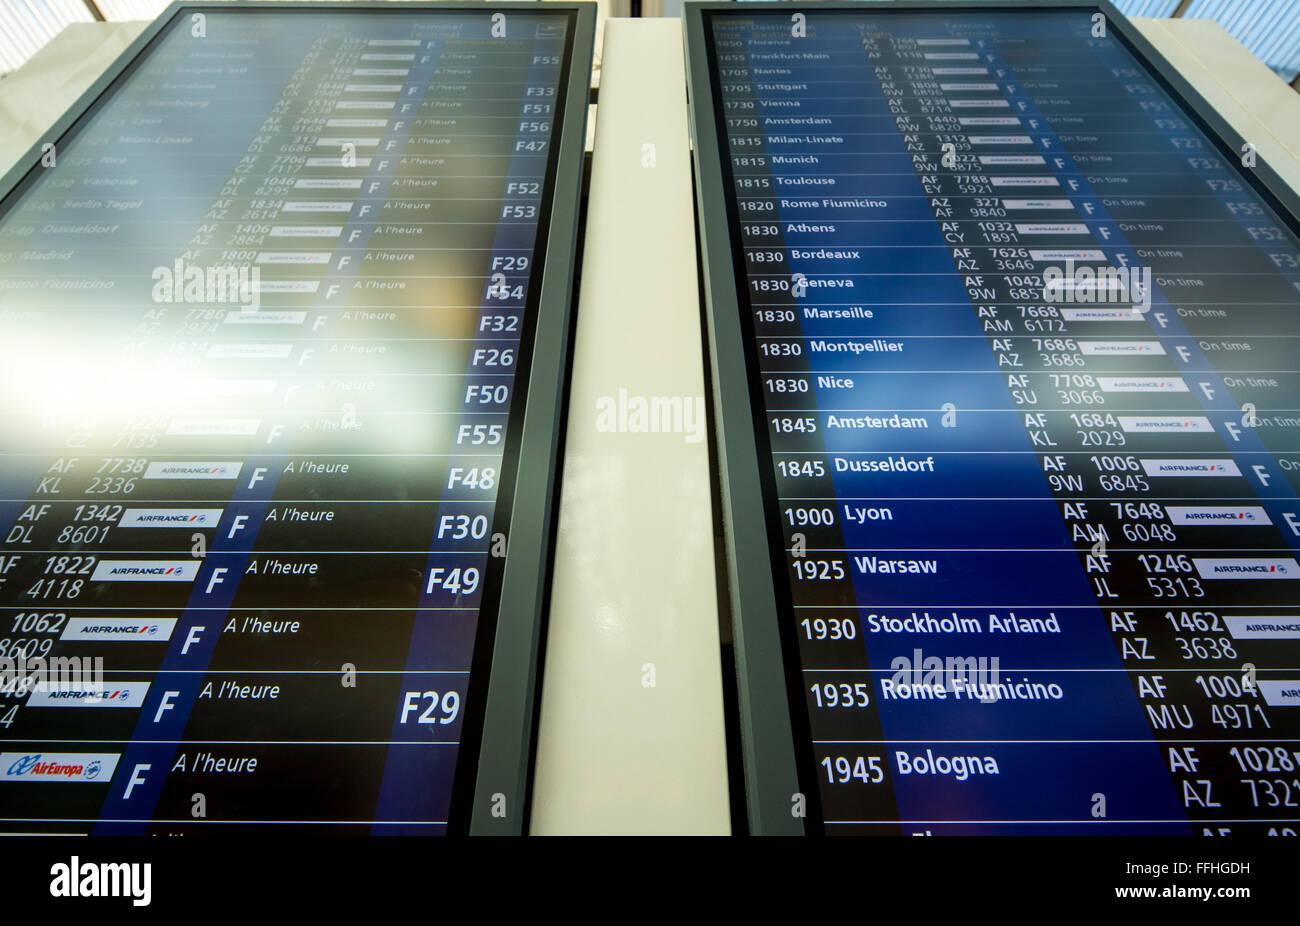 Quadro di controllo di volo, data di arrivo e di partenza, visualizza i voli AIR FRANCE, informazioni di volo, aeroporto Immagini Stock